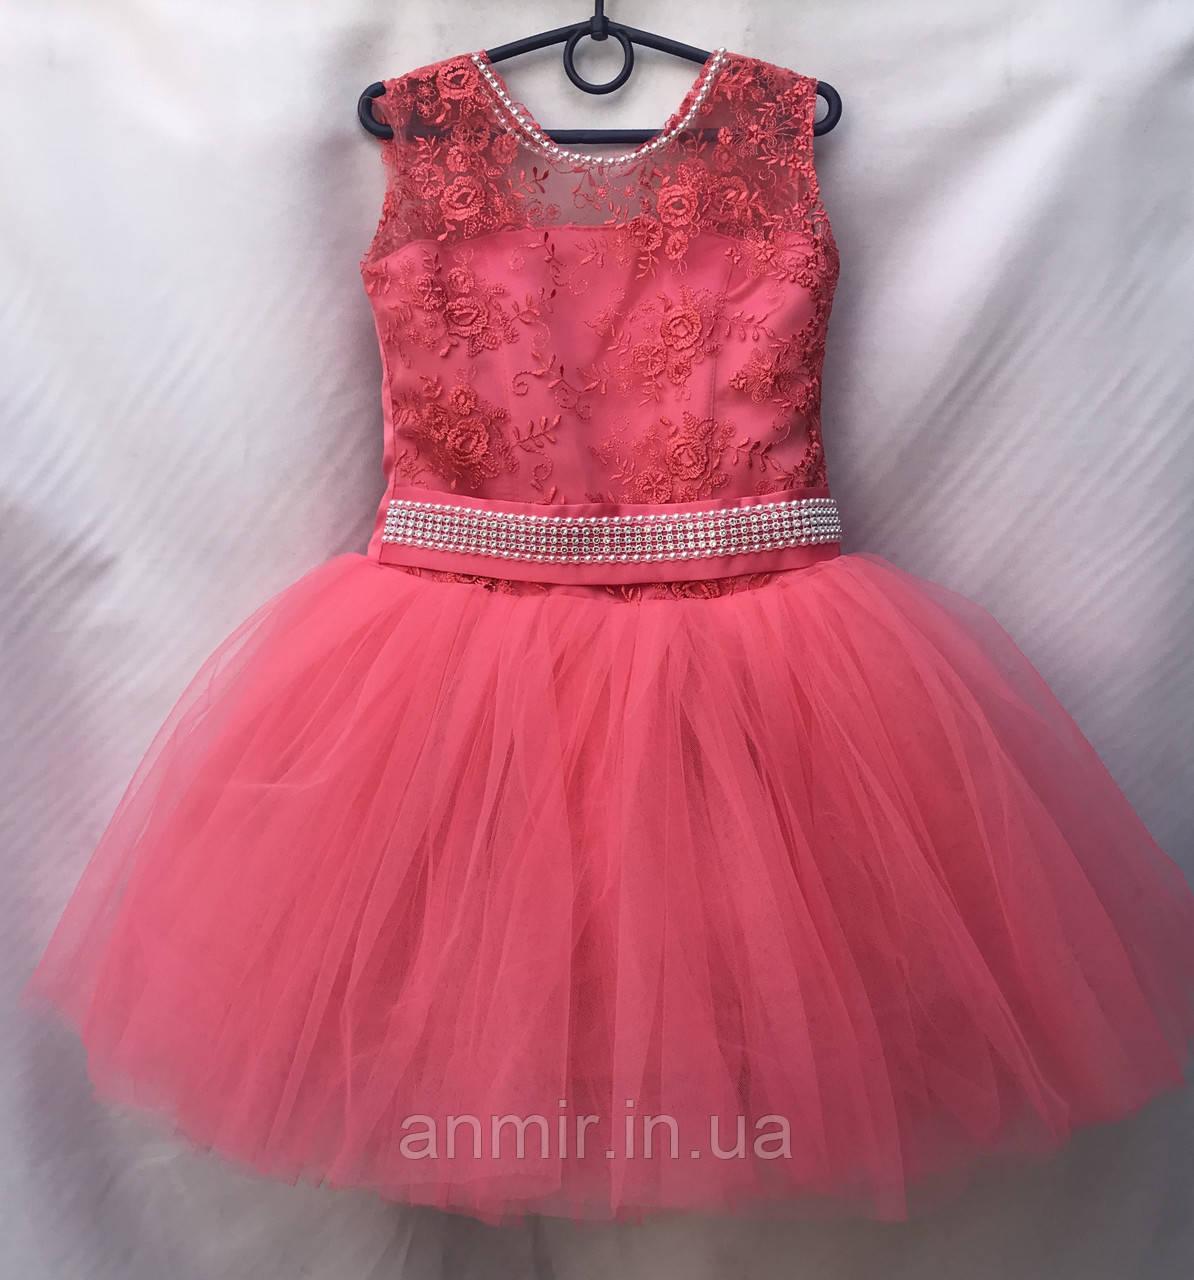 502e699a1877ec Детское нарядное платье для девочки с короткой юбкой 6-7 лет,